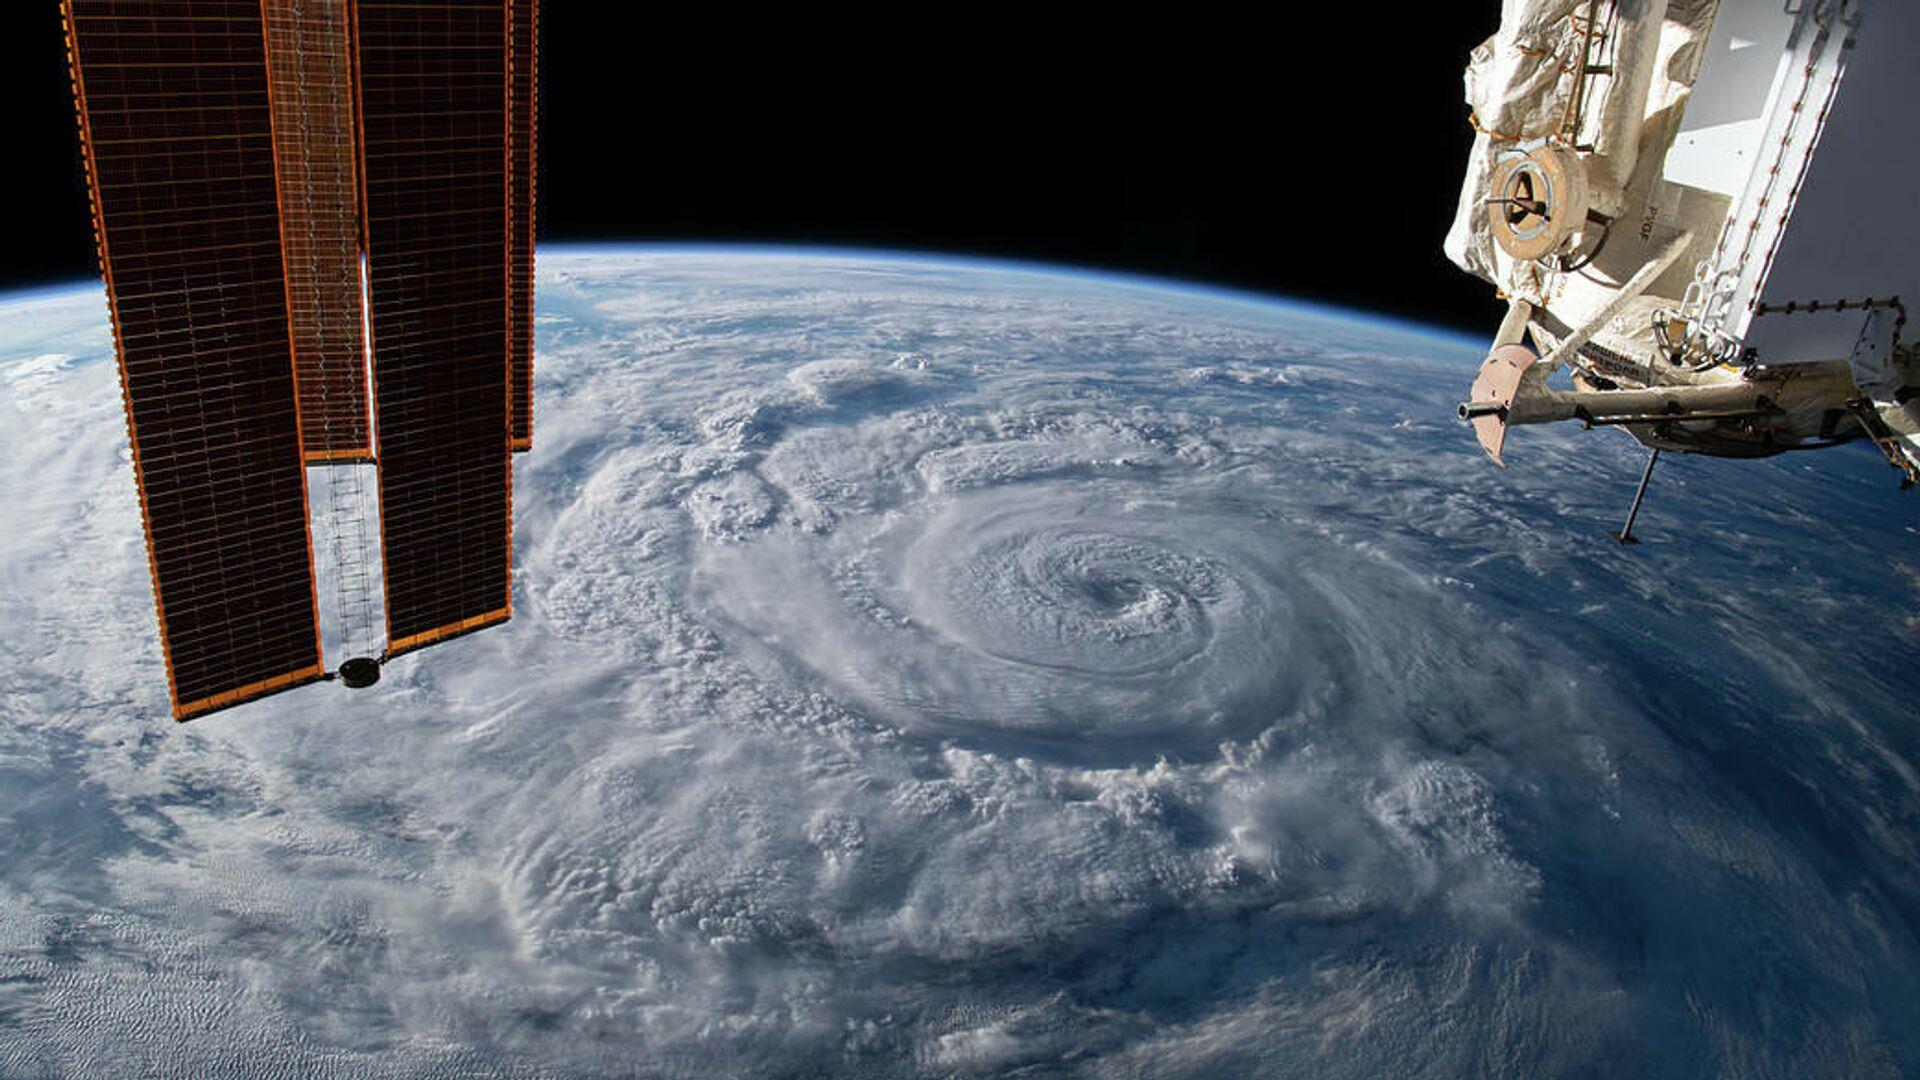 Ураган Женевьева у тихоокеанского побережья Мексики снятый с борта МКС - РИА Новости, 1920, 01.03.2021